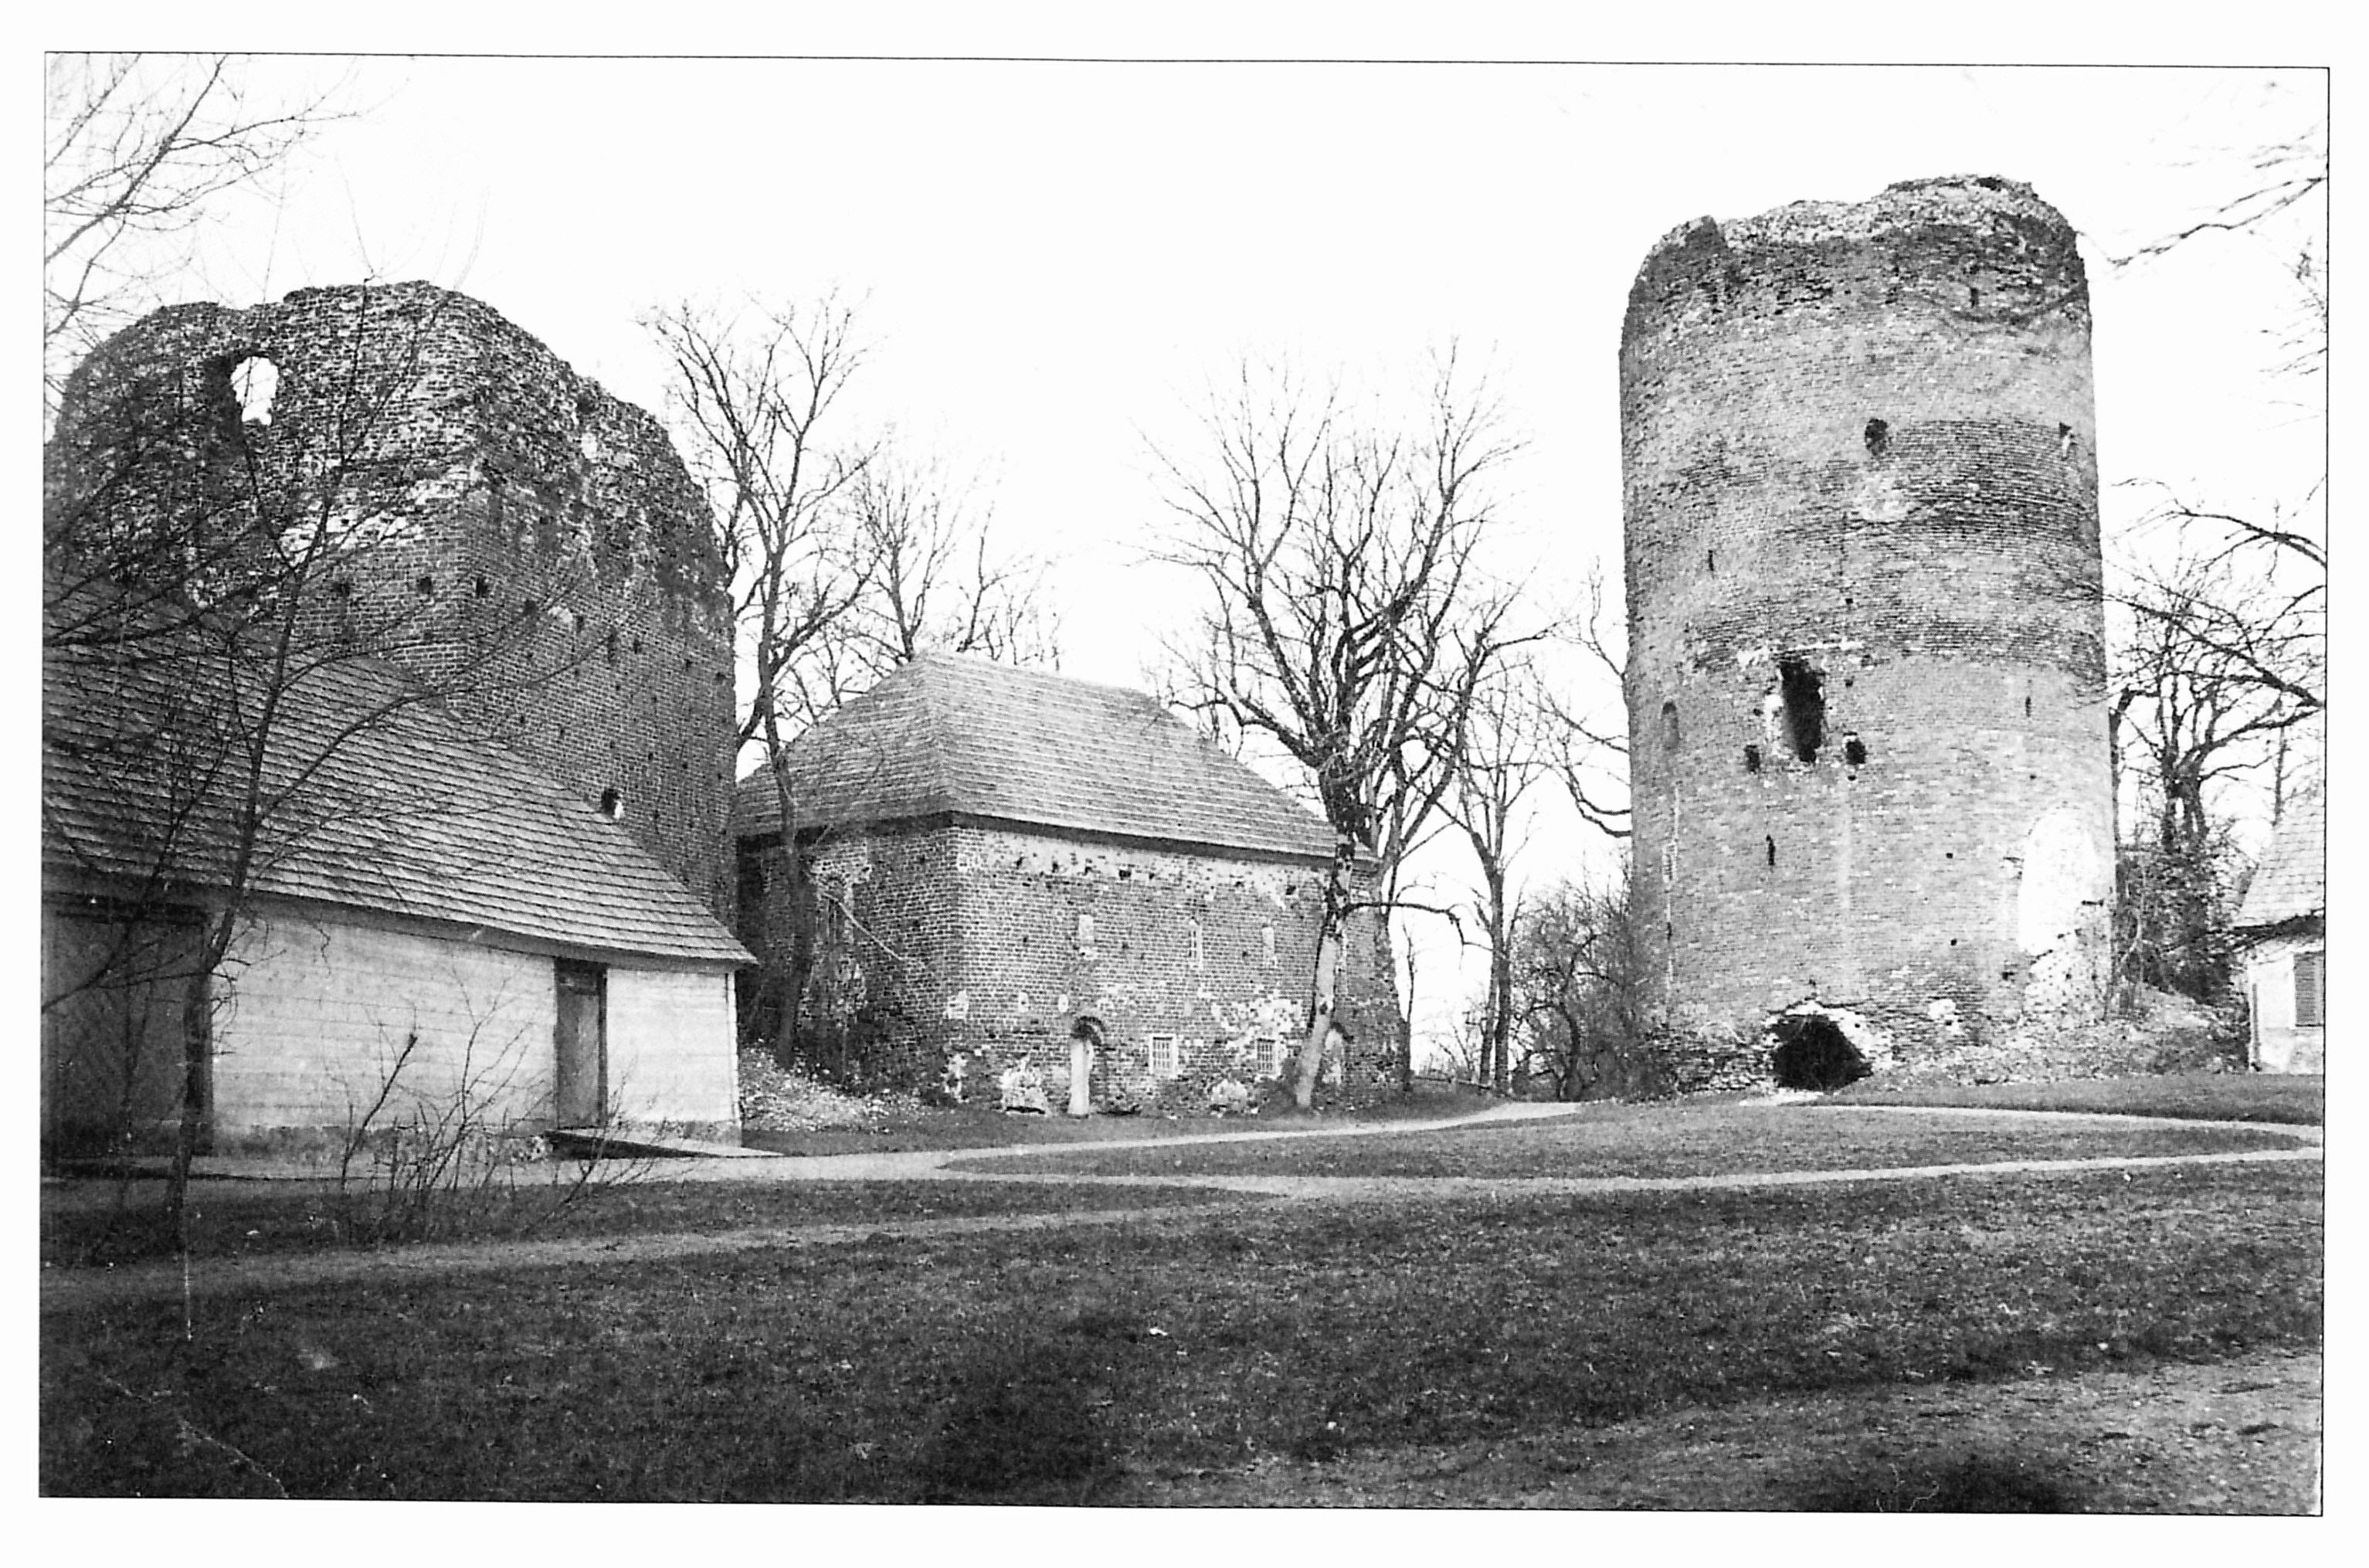 Развалины Турайдского замка. Открытка 20-30-ых годов ХХ века.